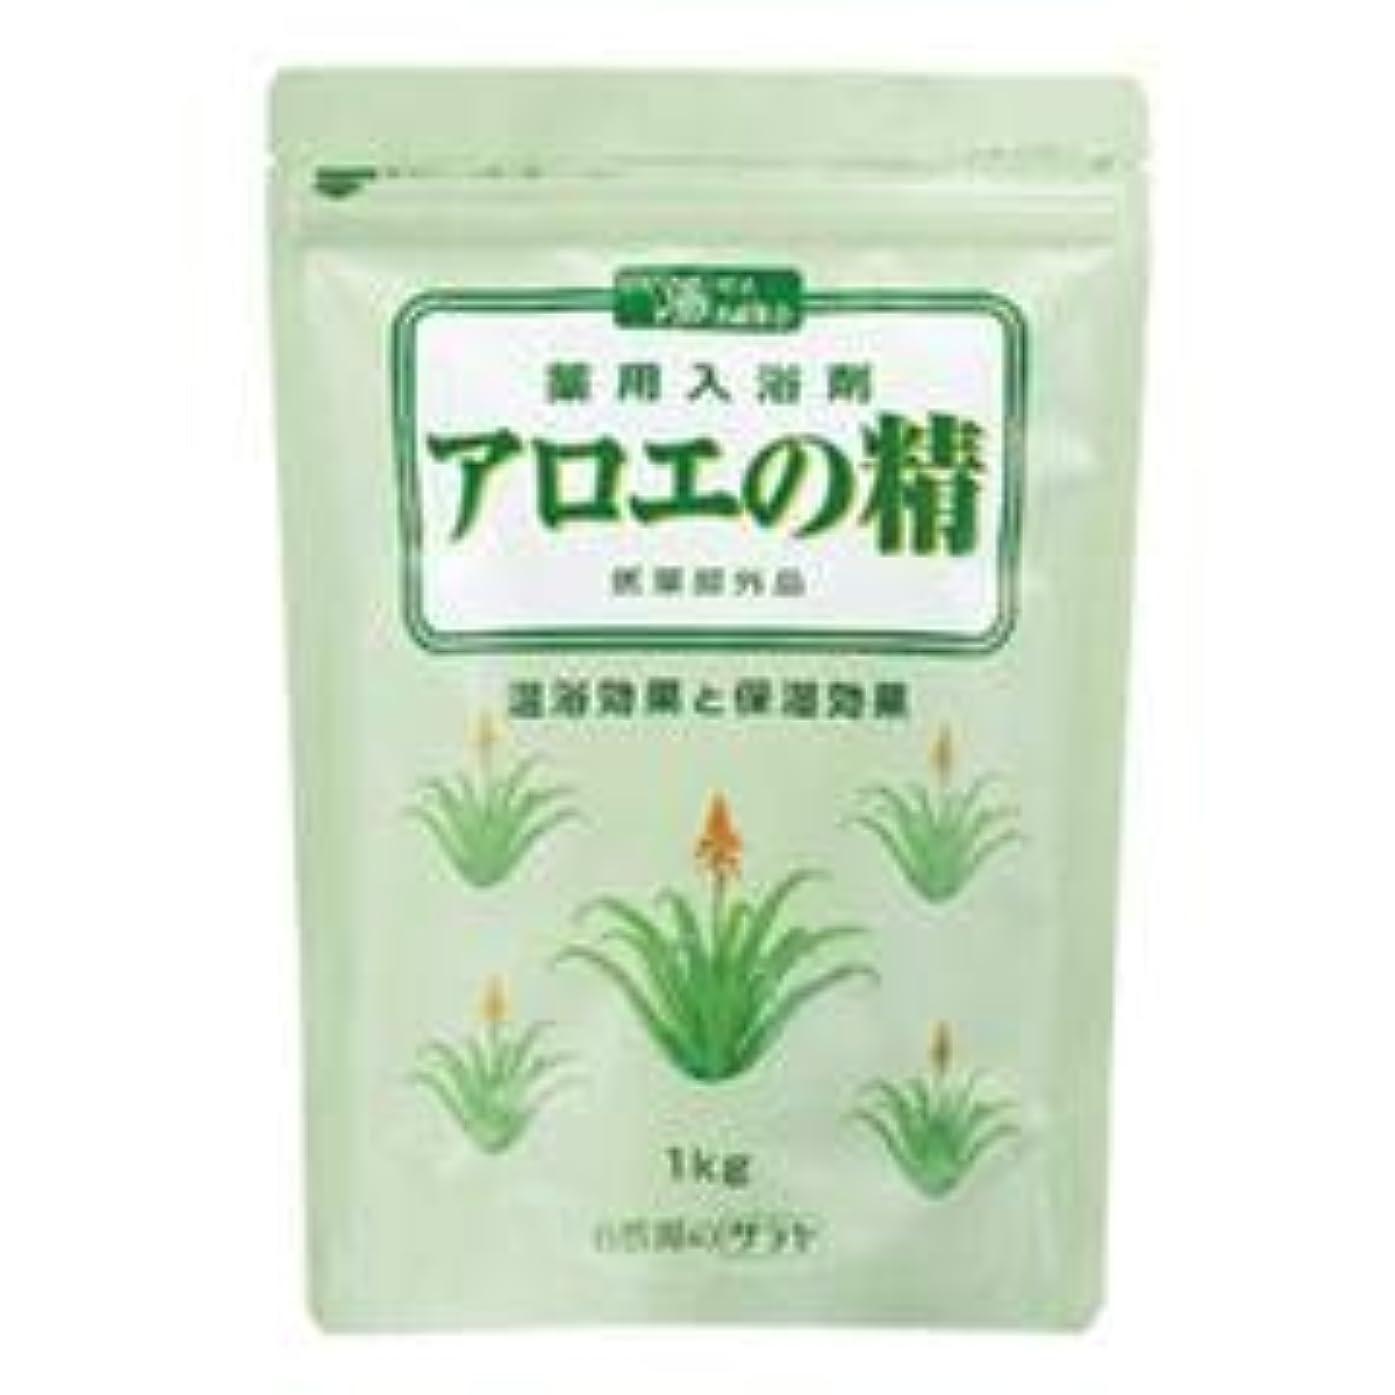 マニュアル遺跡葉を拾うサラヤ 薬用入浴剤 アロエの精 チャック付 1kg